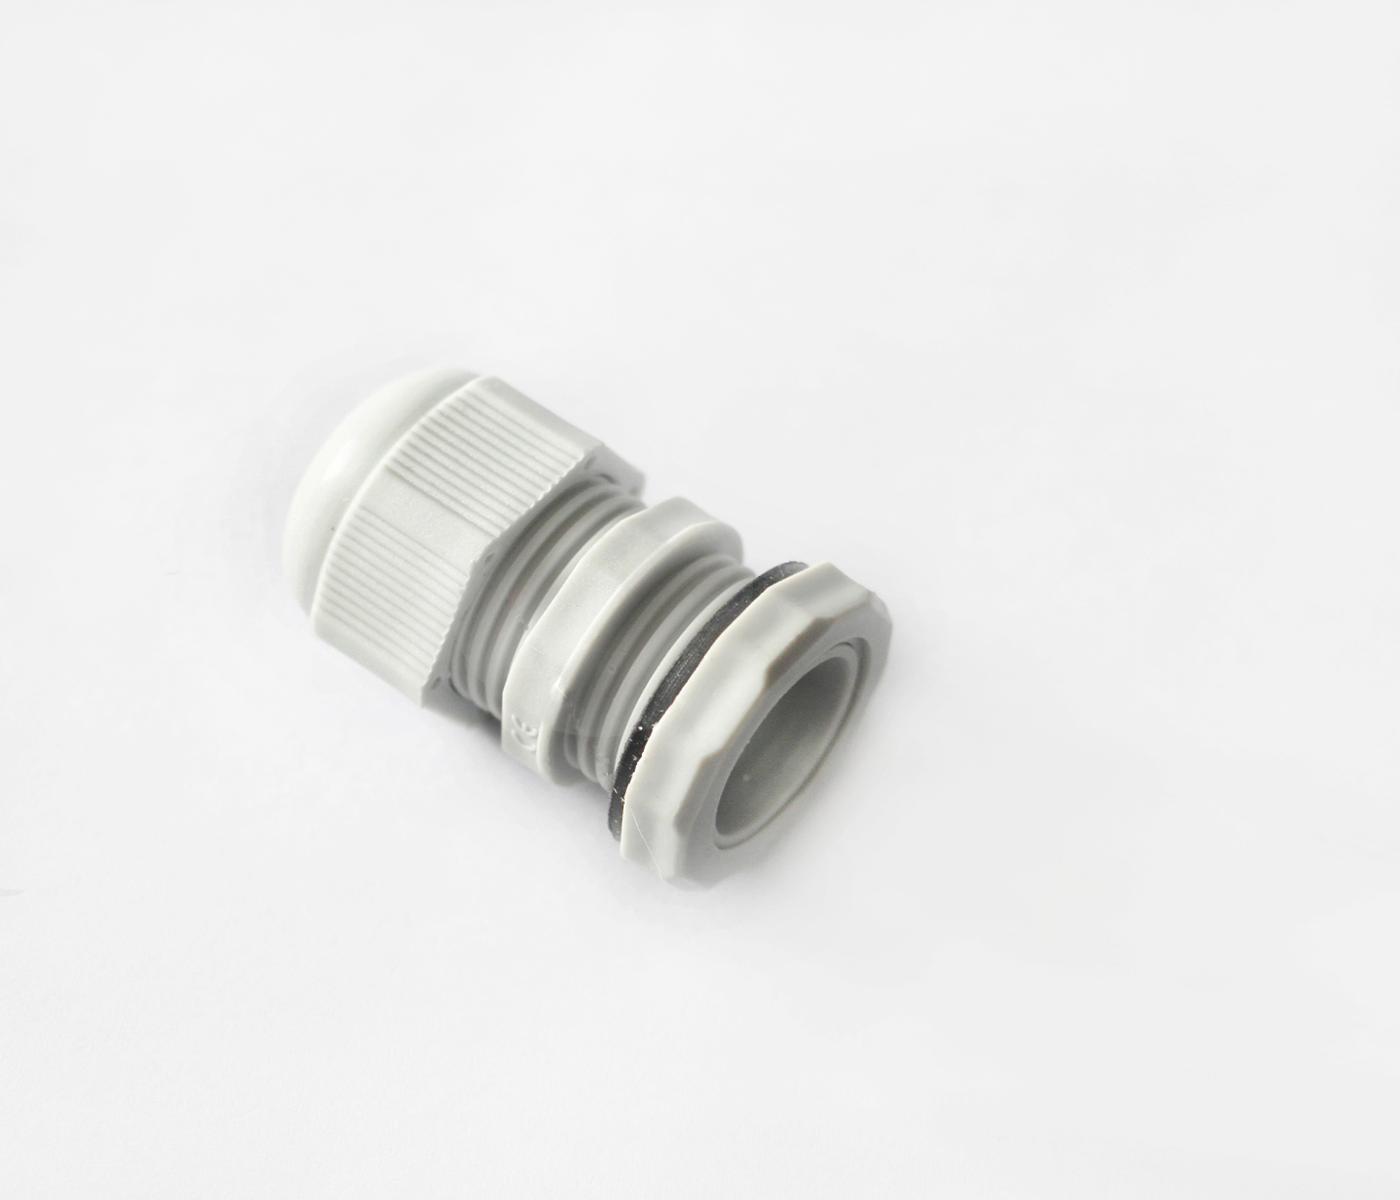 ip68 connector for batten fixture